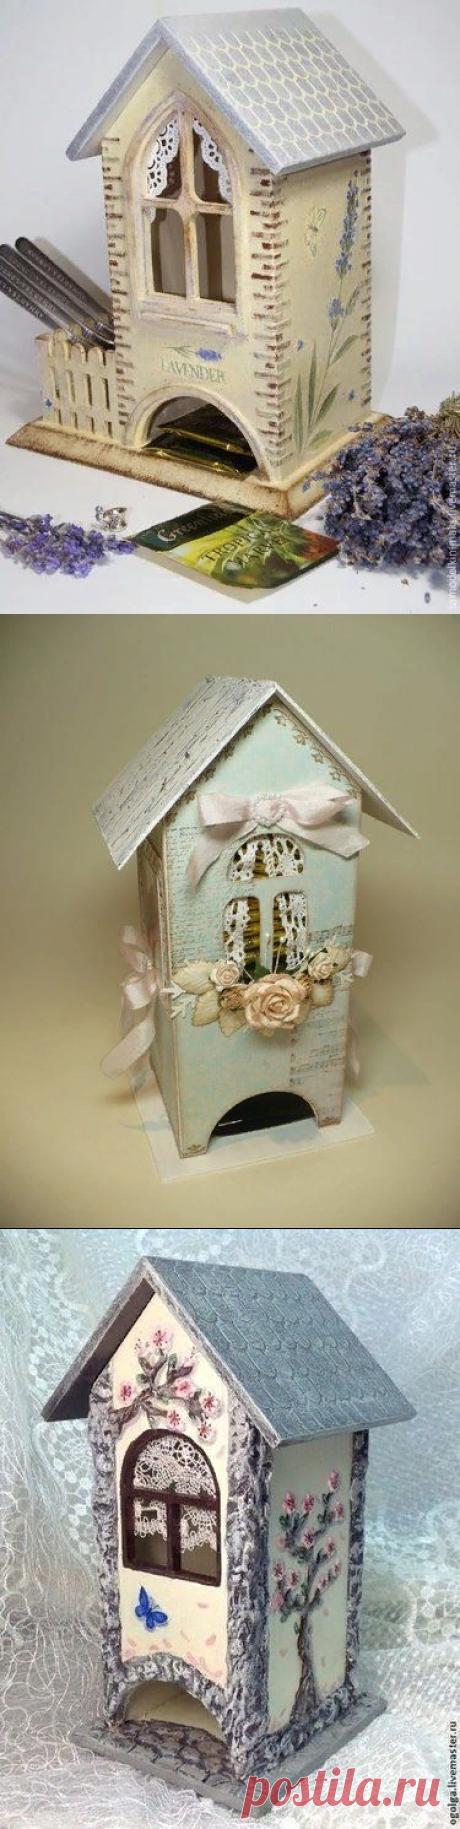 « Домик для хранения чайных пакетиков с забором » — карточка пользователя fffainafruza f. в Яндекс.Коллекциях